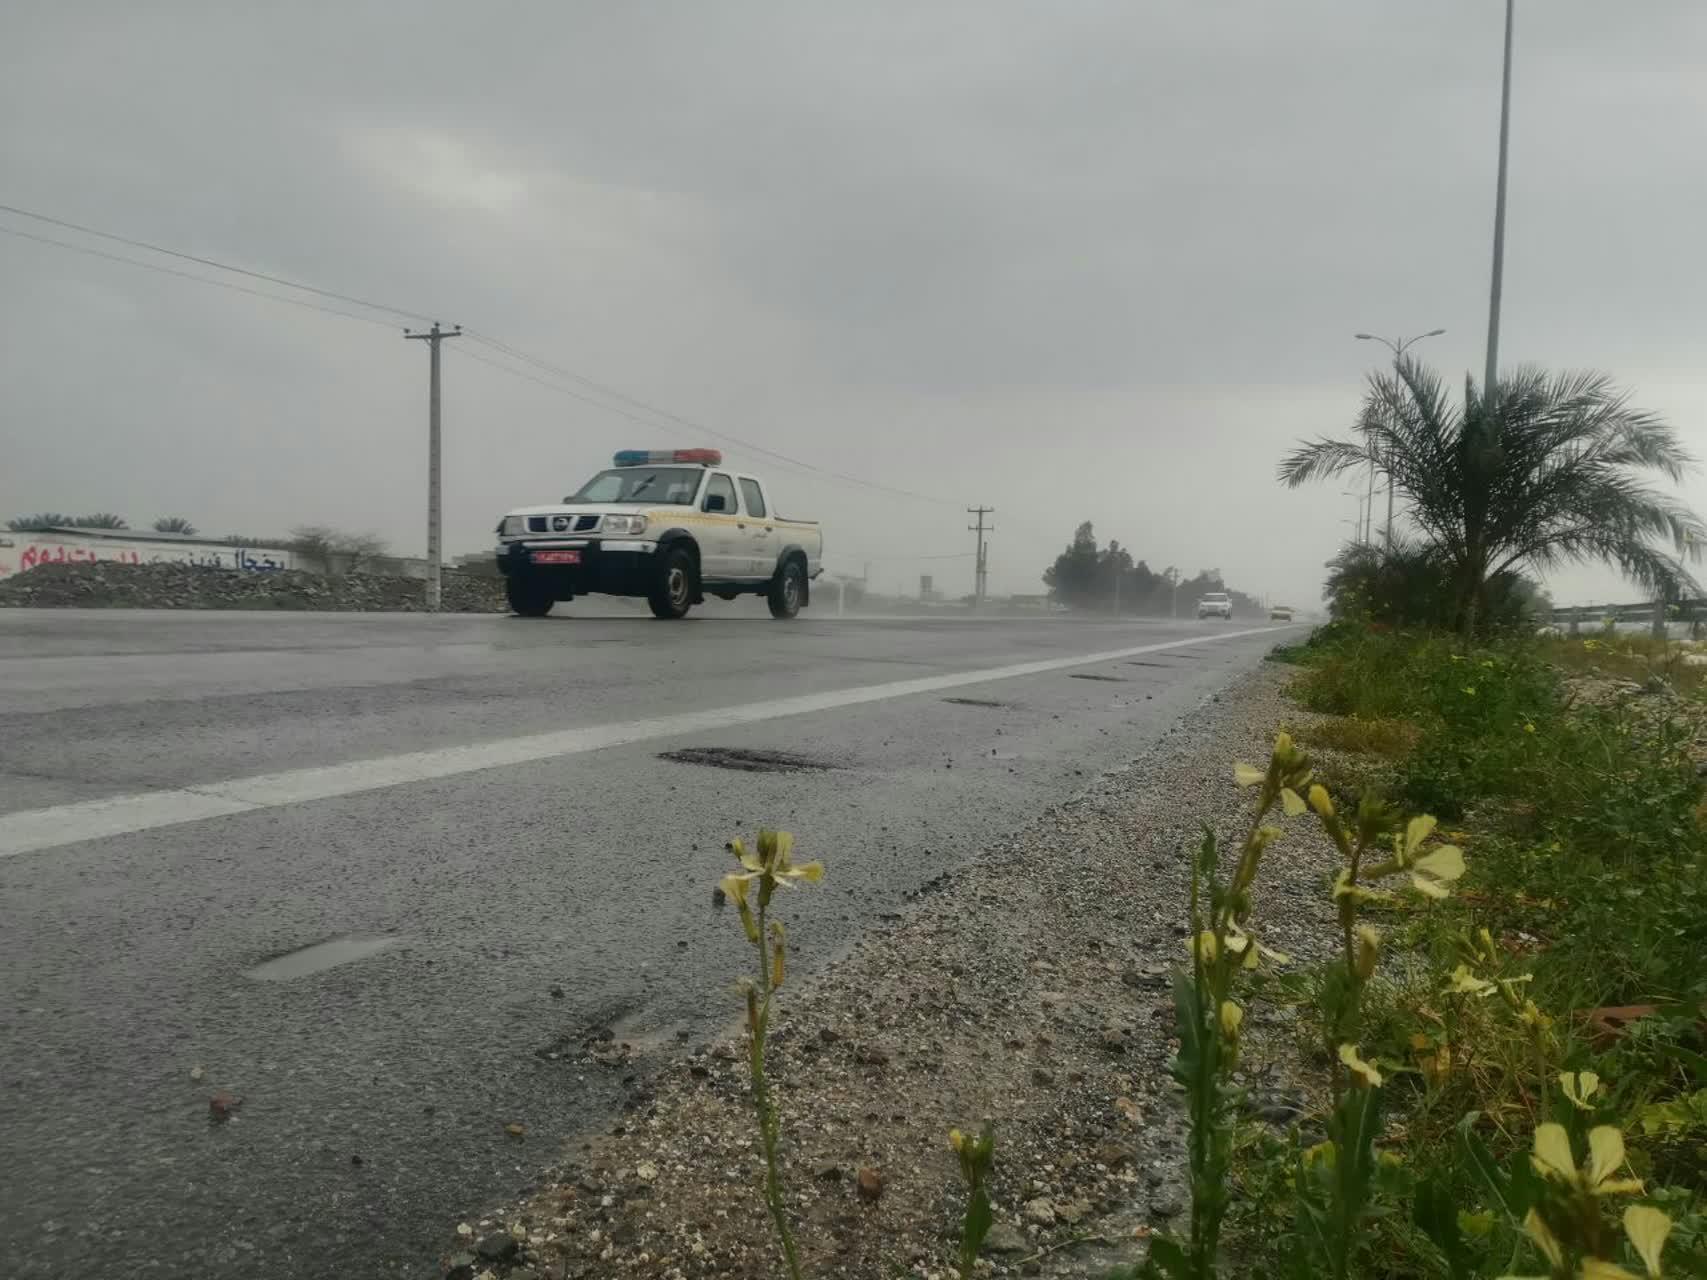 تردد در جادههای بارانی جنوب کرمان جریان دارد